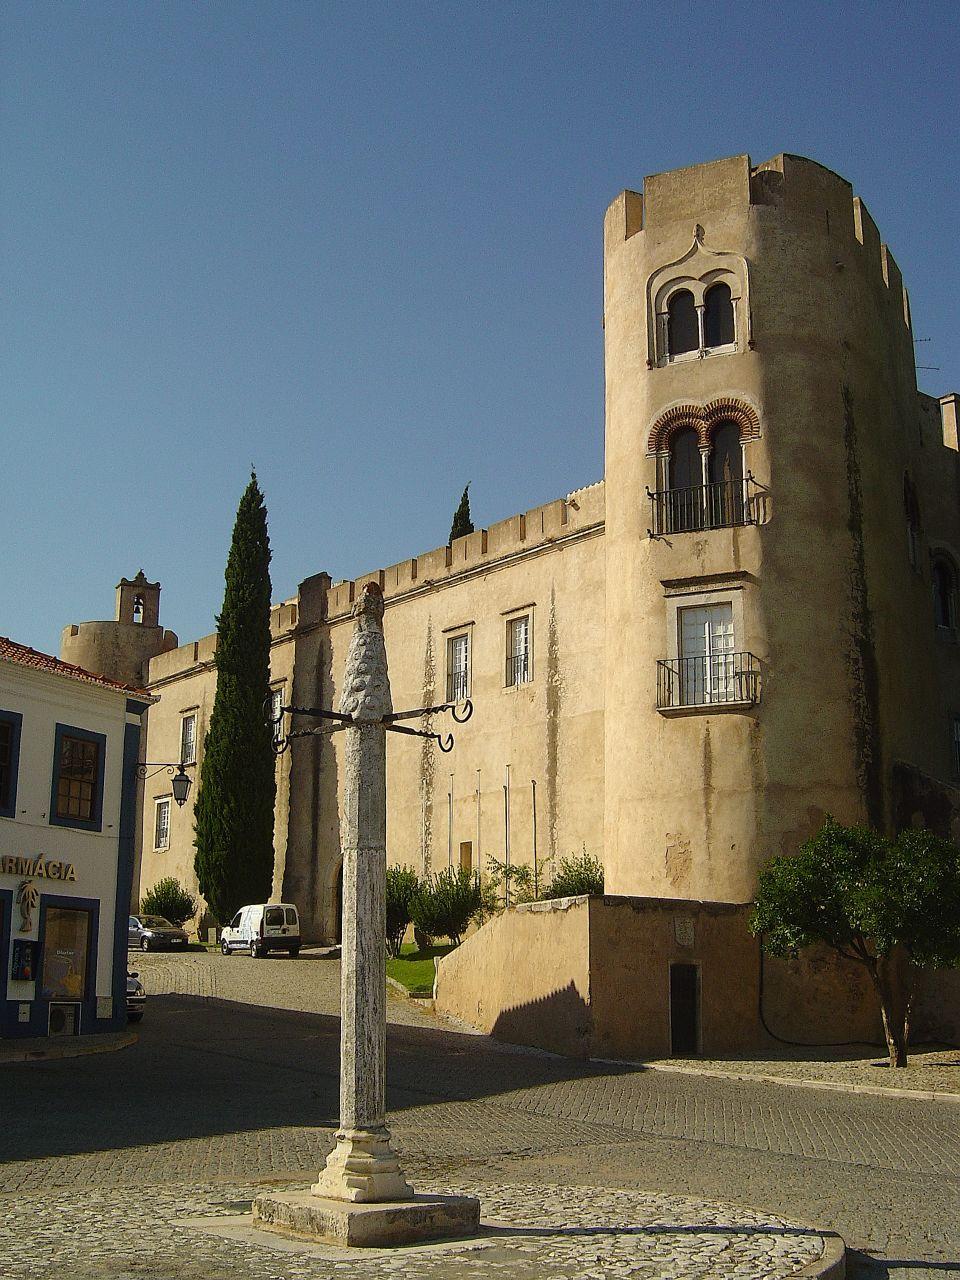 Alvito Portugal  city images : Ficheiro:Castelo de Alvito Portugal 2 – Wikipédia, a ...